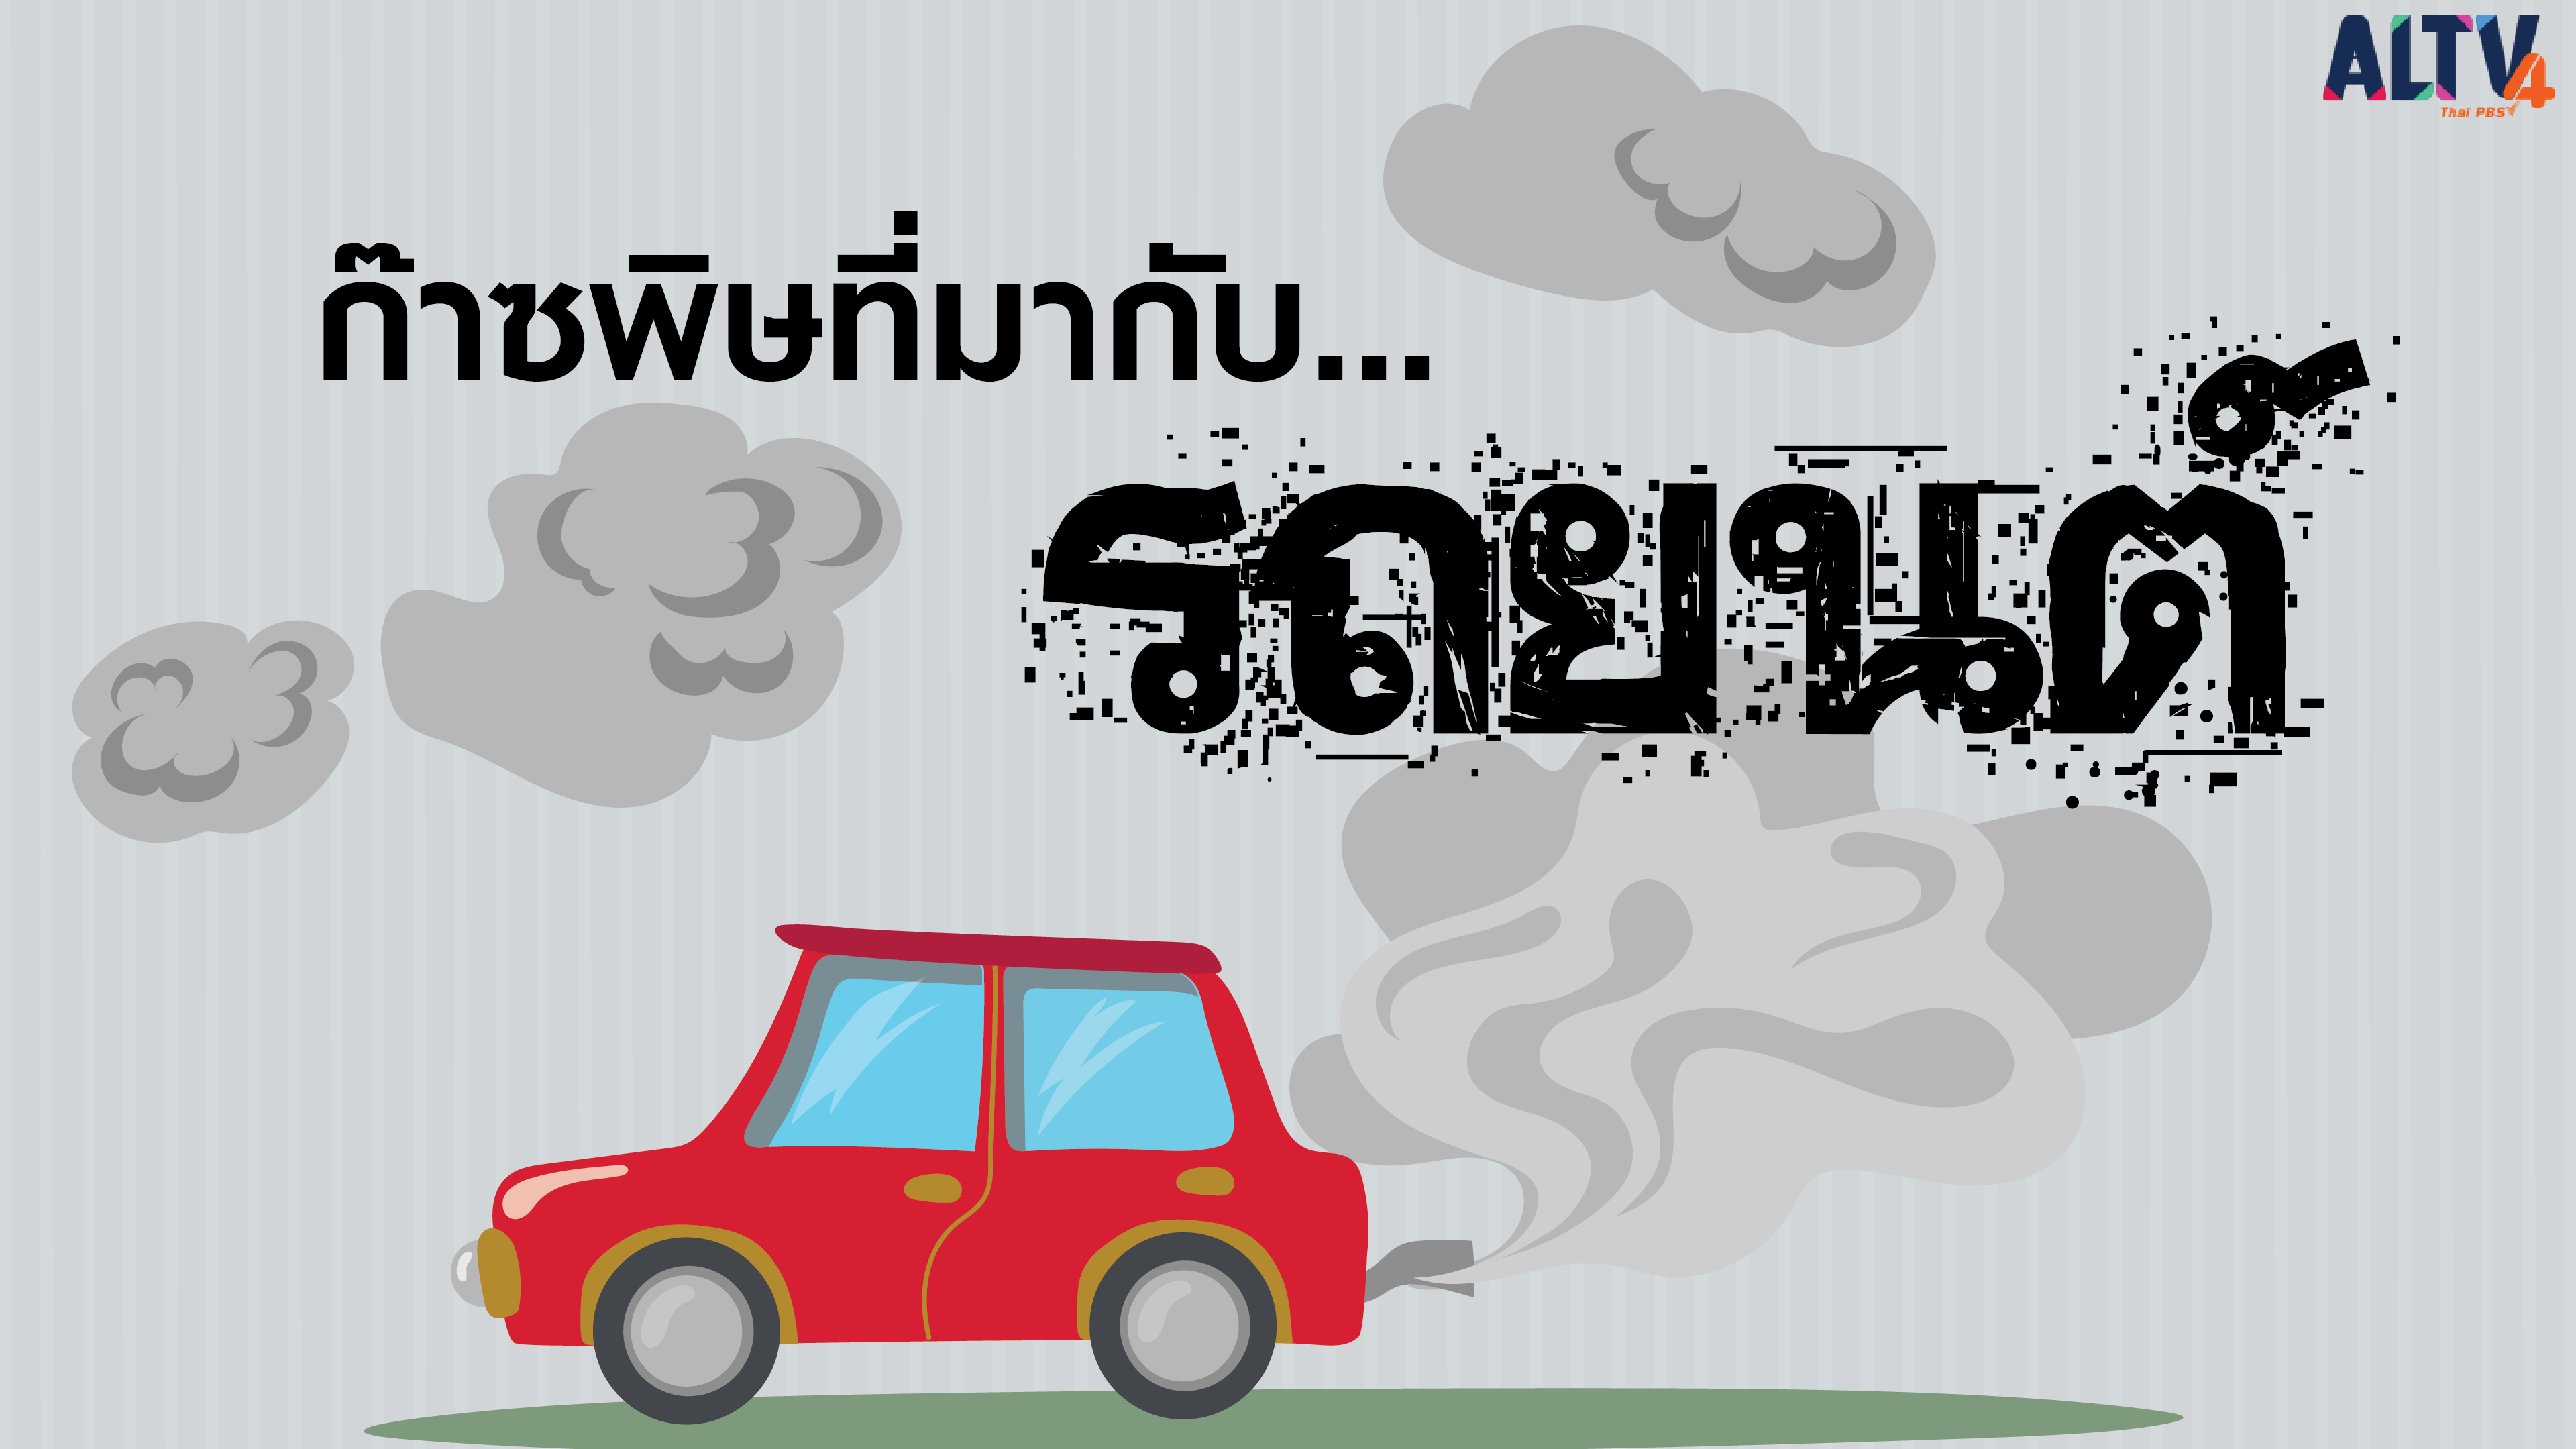 ก๊าซพิษที่มาจากรถยนต์